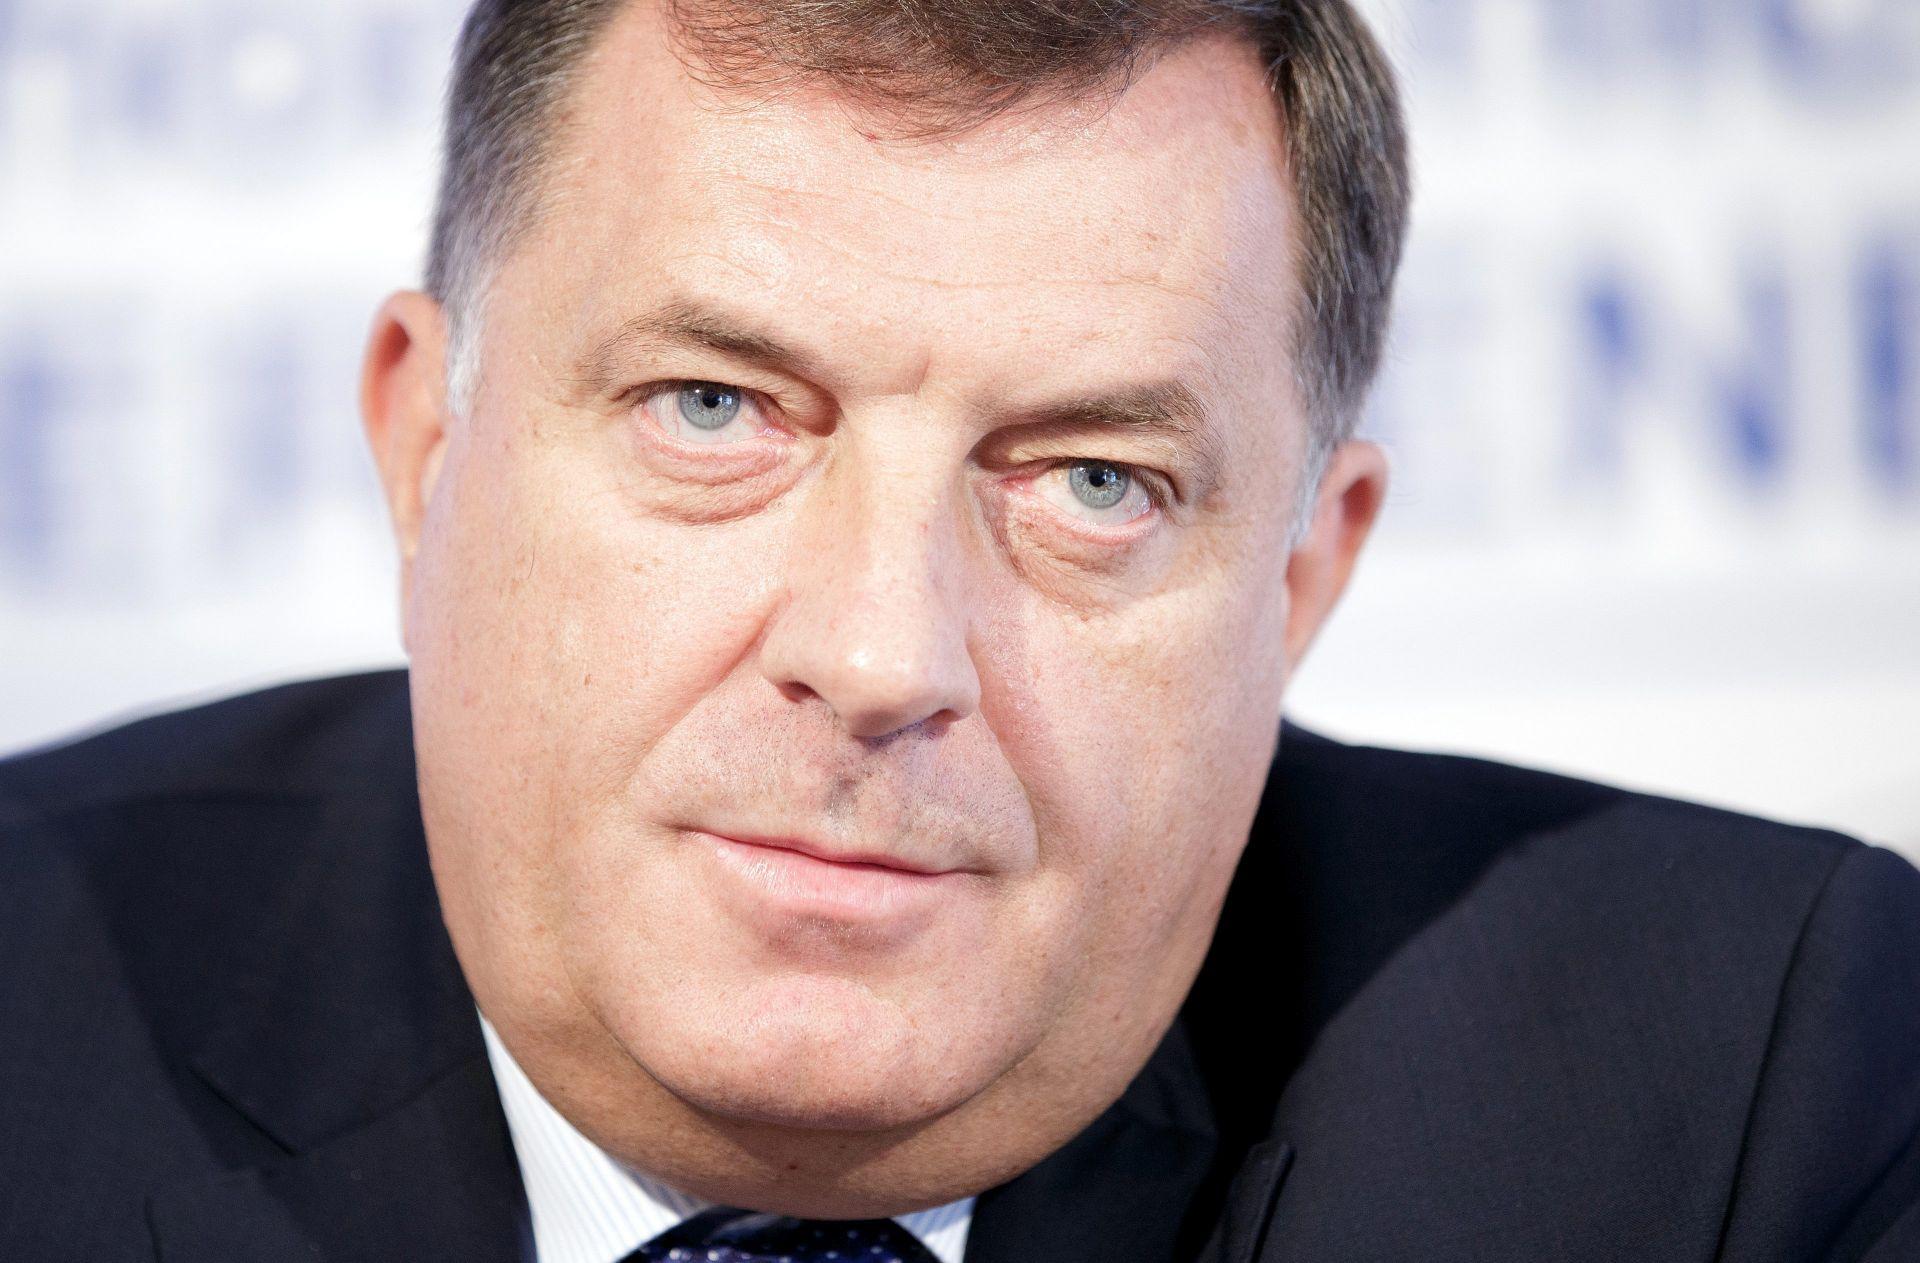 Čović i Dodik tvrde da tajna služba ilegalno prisluškuje i prati dužnosnike